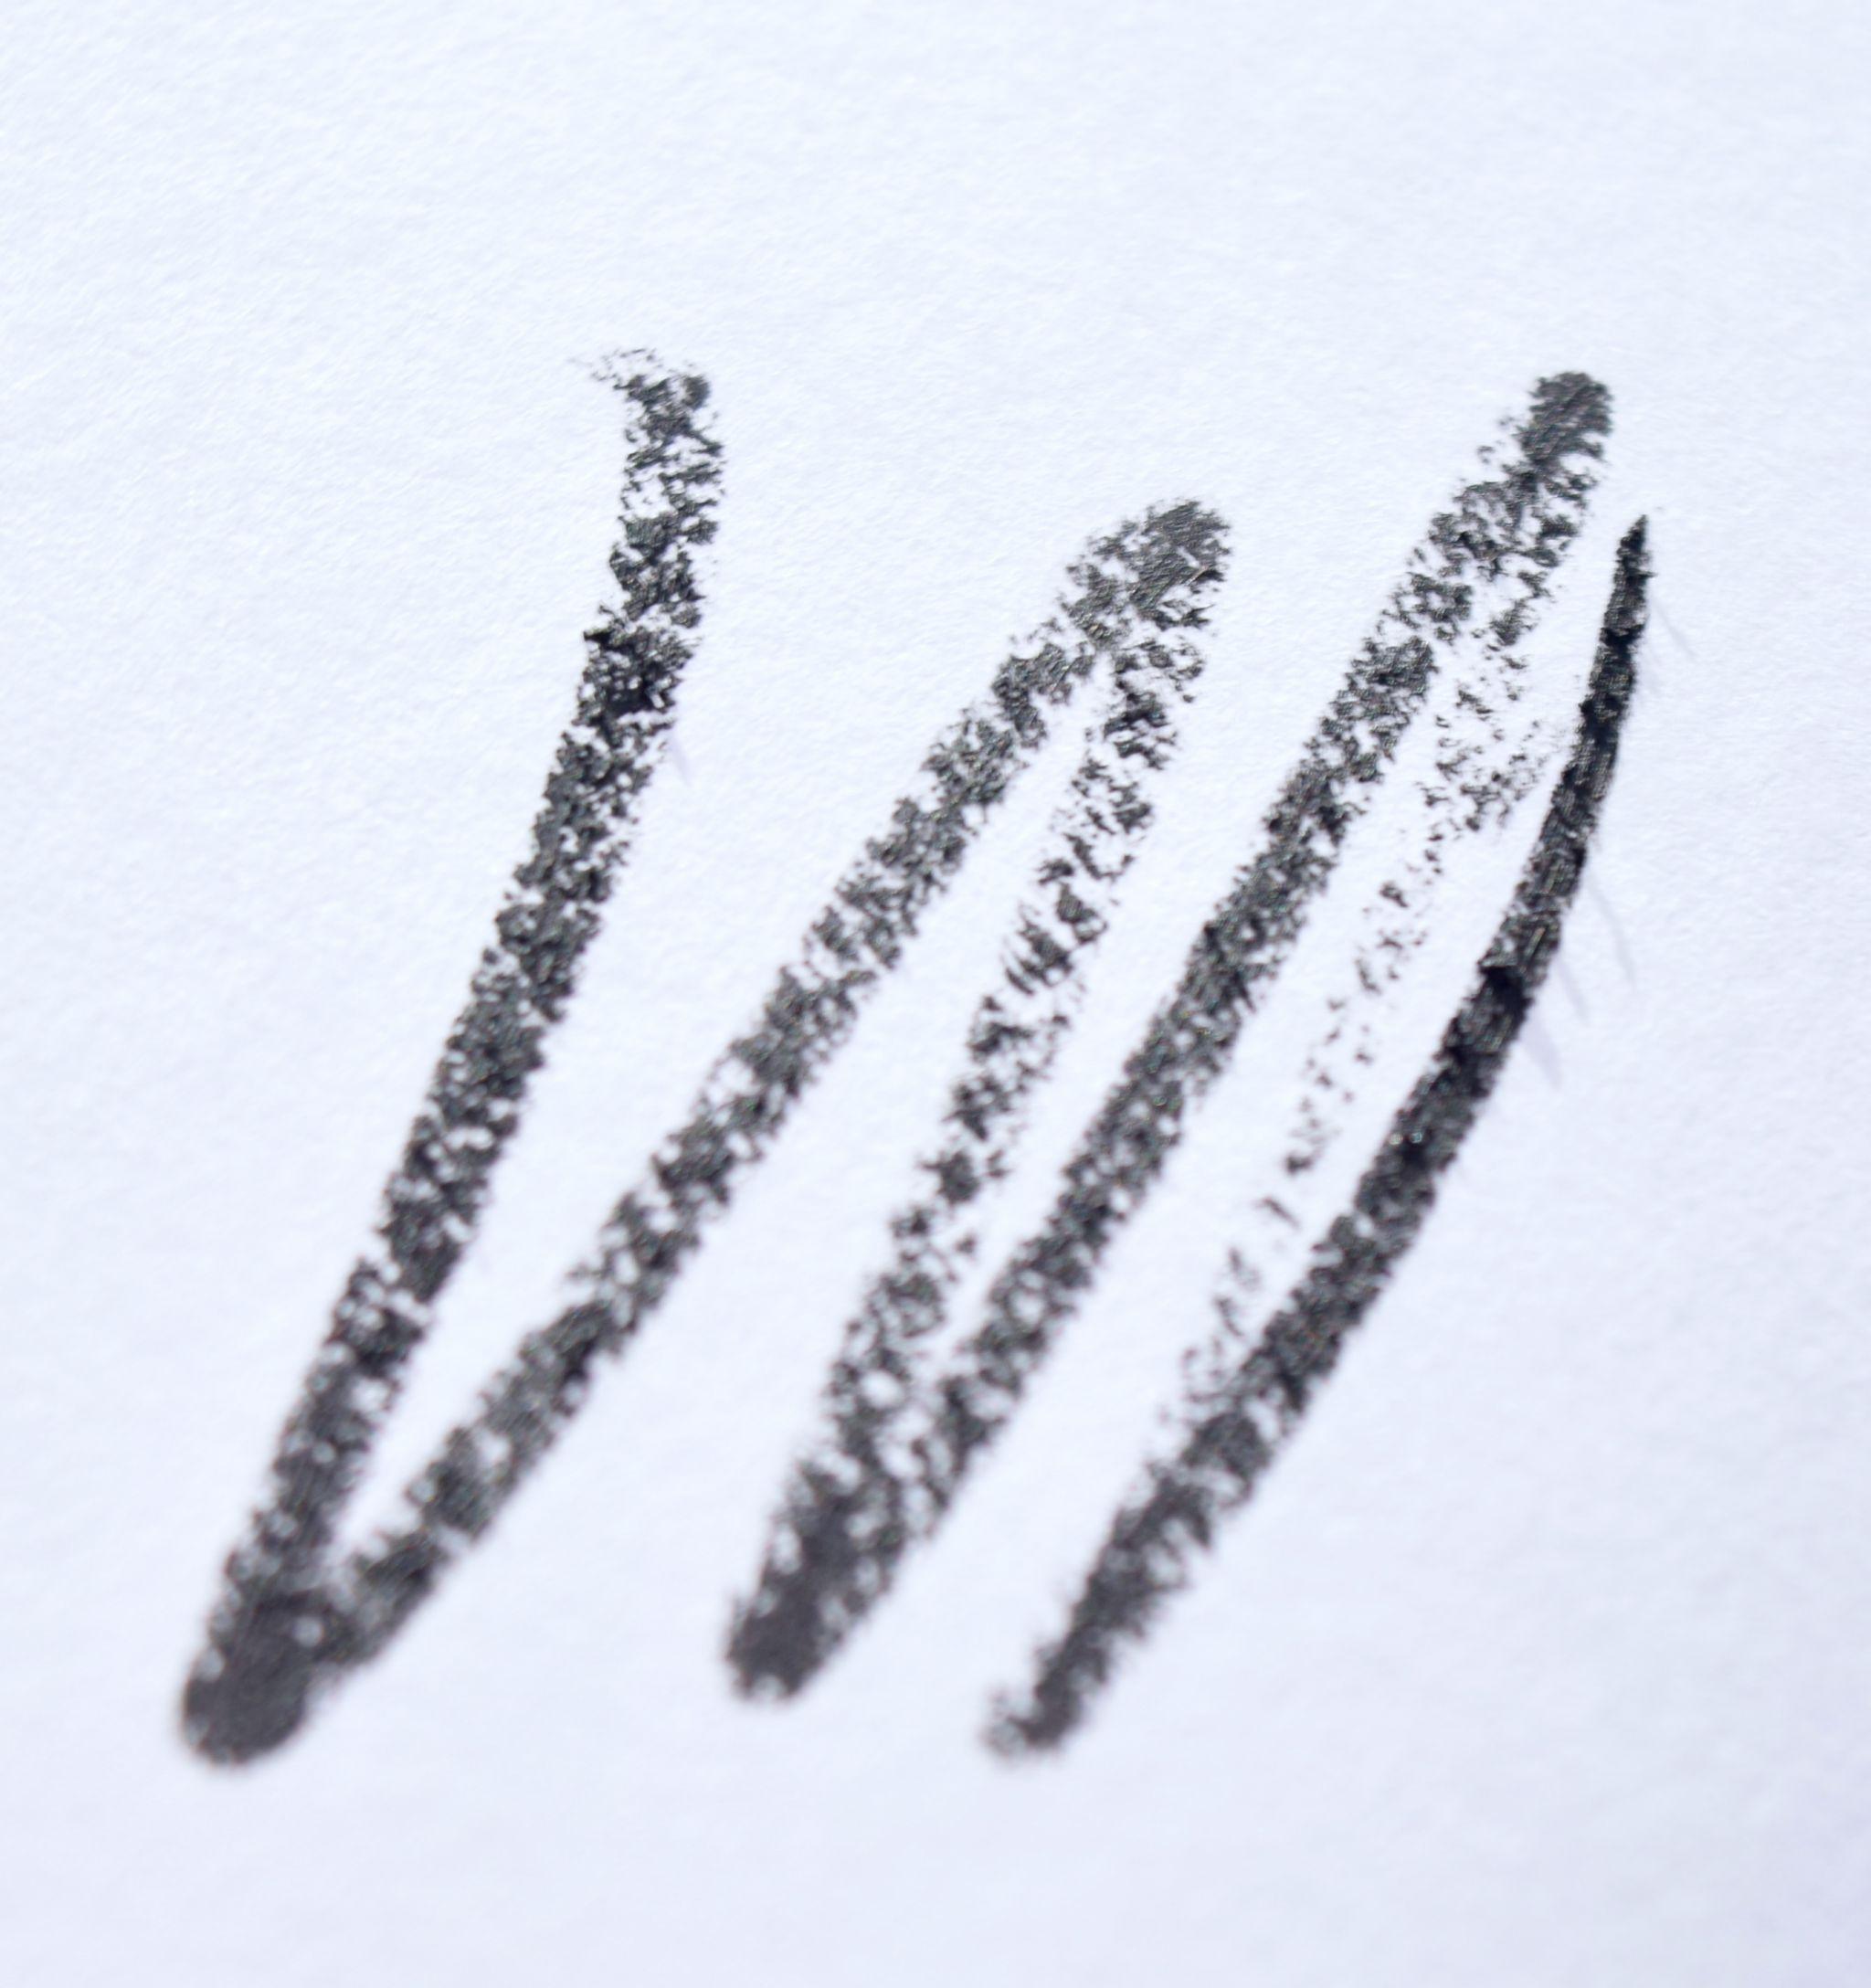 Sisley Phyto-Khol Glittering Eyeliner Black Diamond swatch